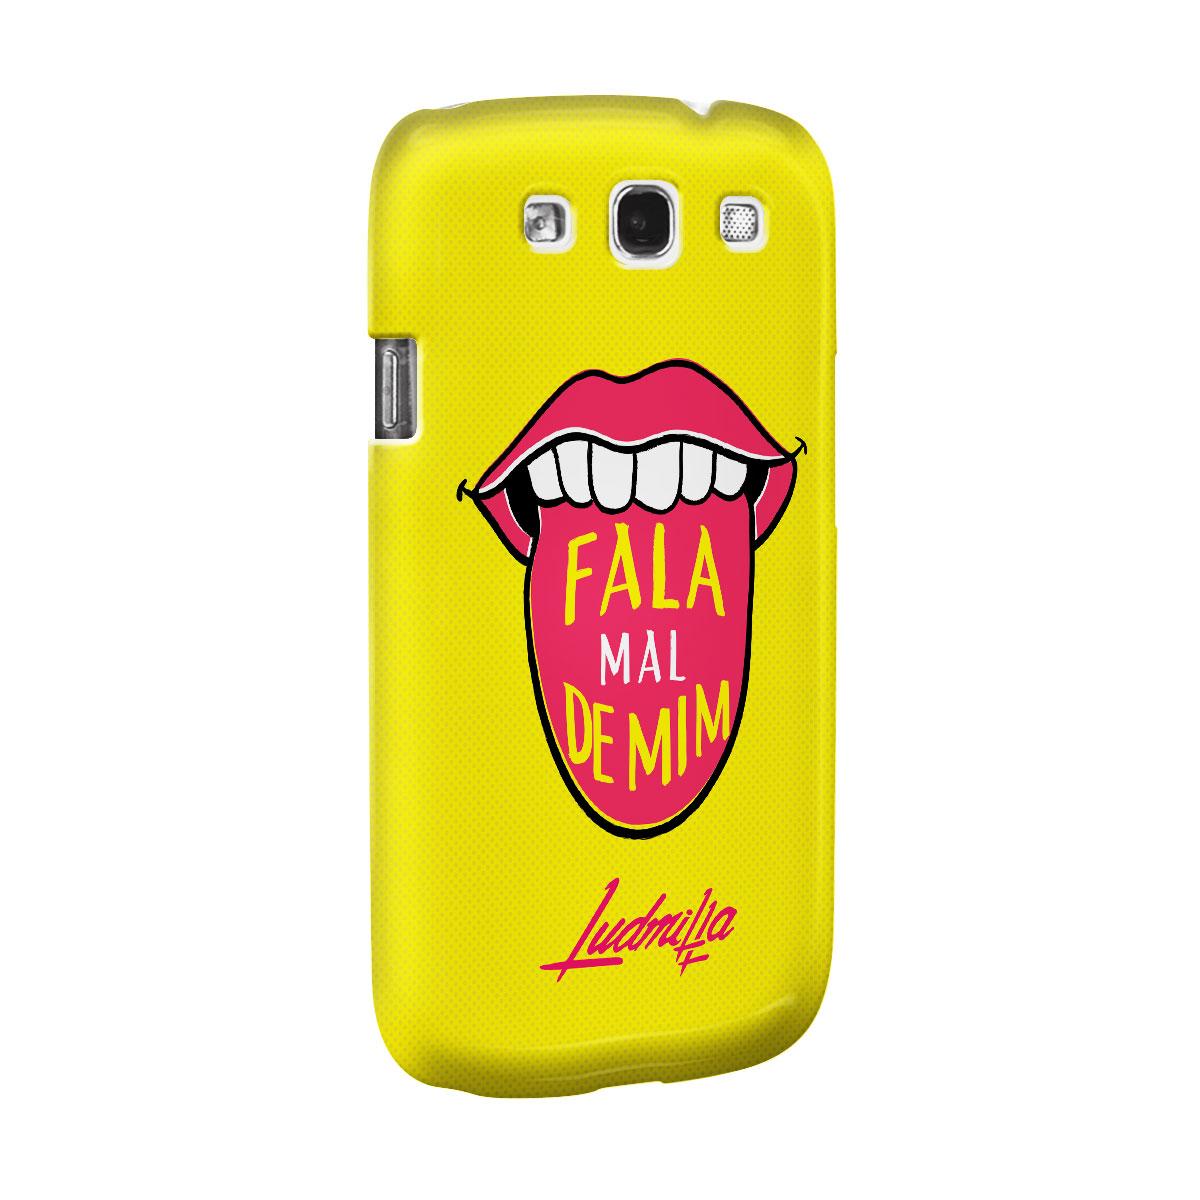 Capa para Samsung Galaxy S3 Ludmilla Fala Mal de Mim